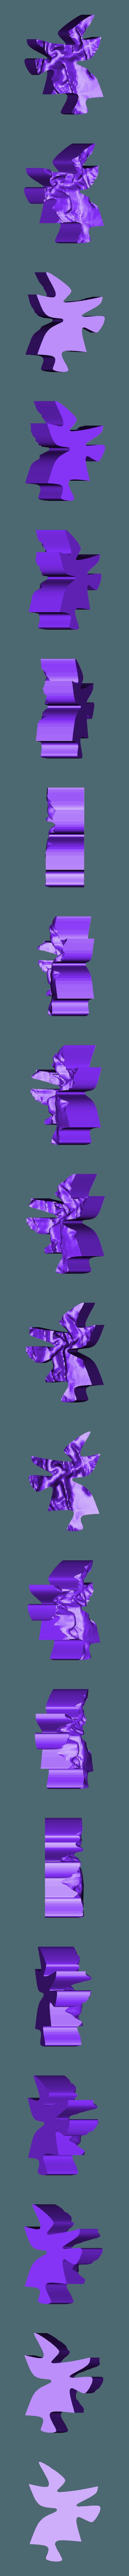 79.stl Télécharger fichier STL gratuit Echelle épique - Terrain - Zion NP • Objet à imprimer en 3D, TCP491016